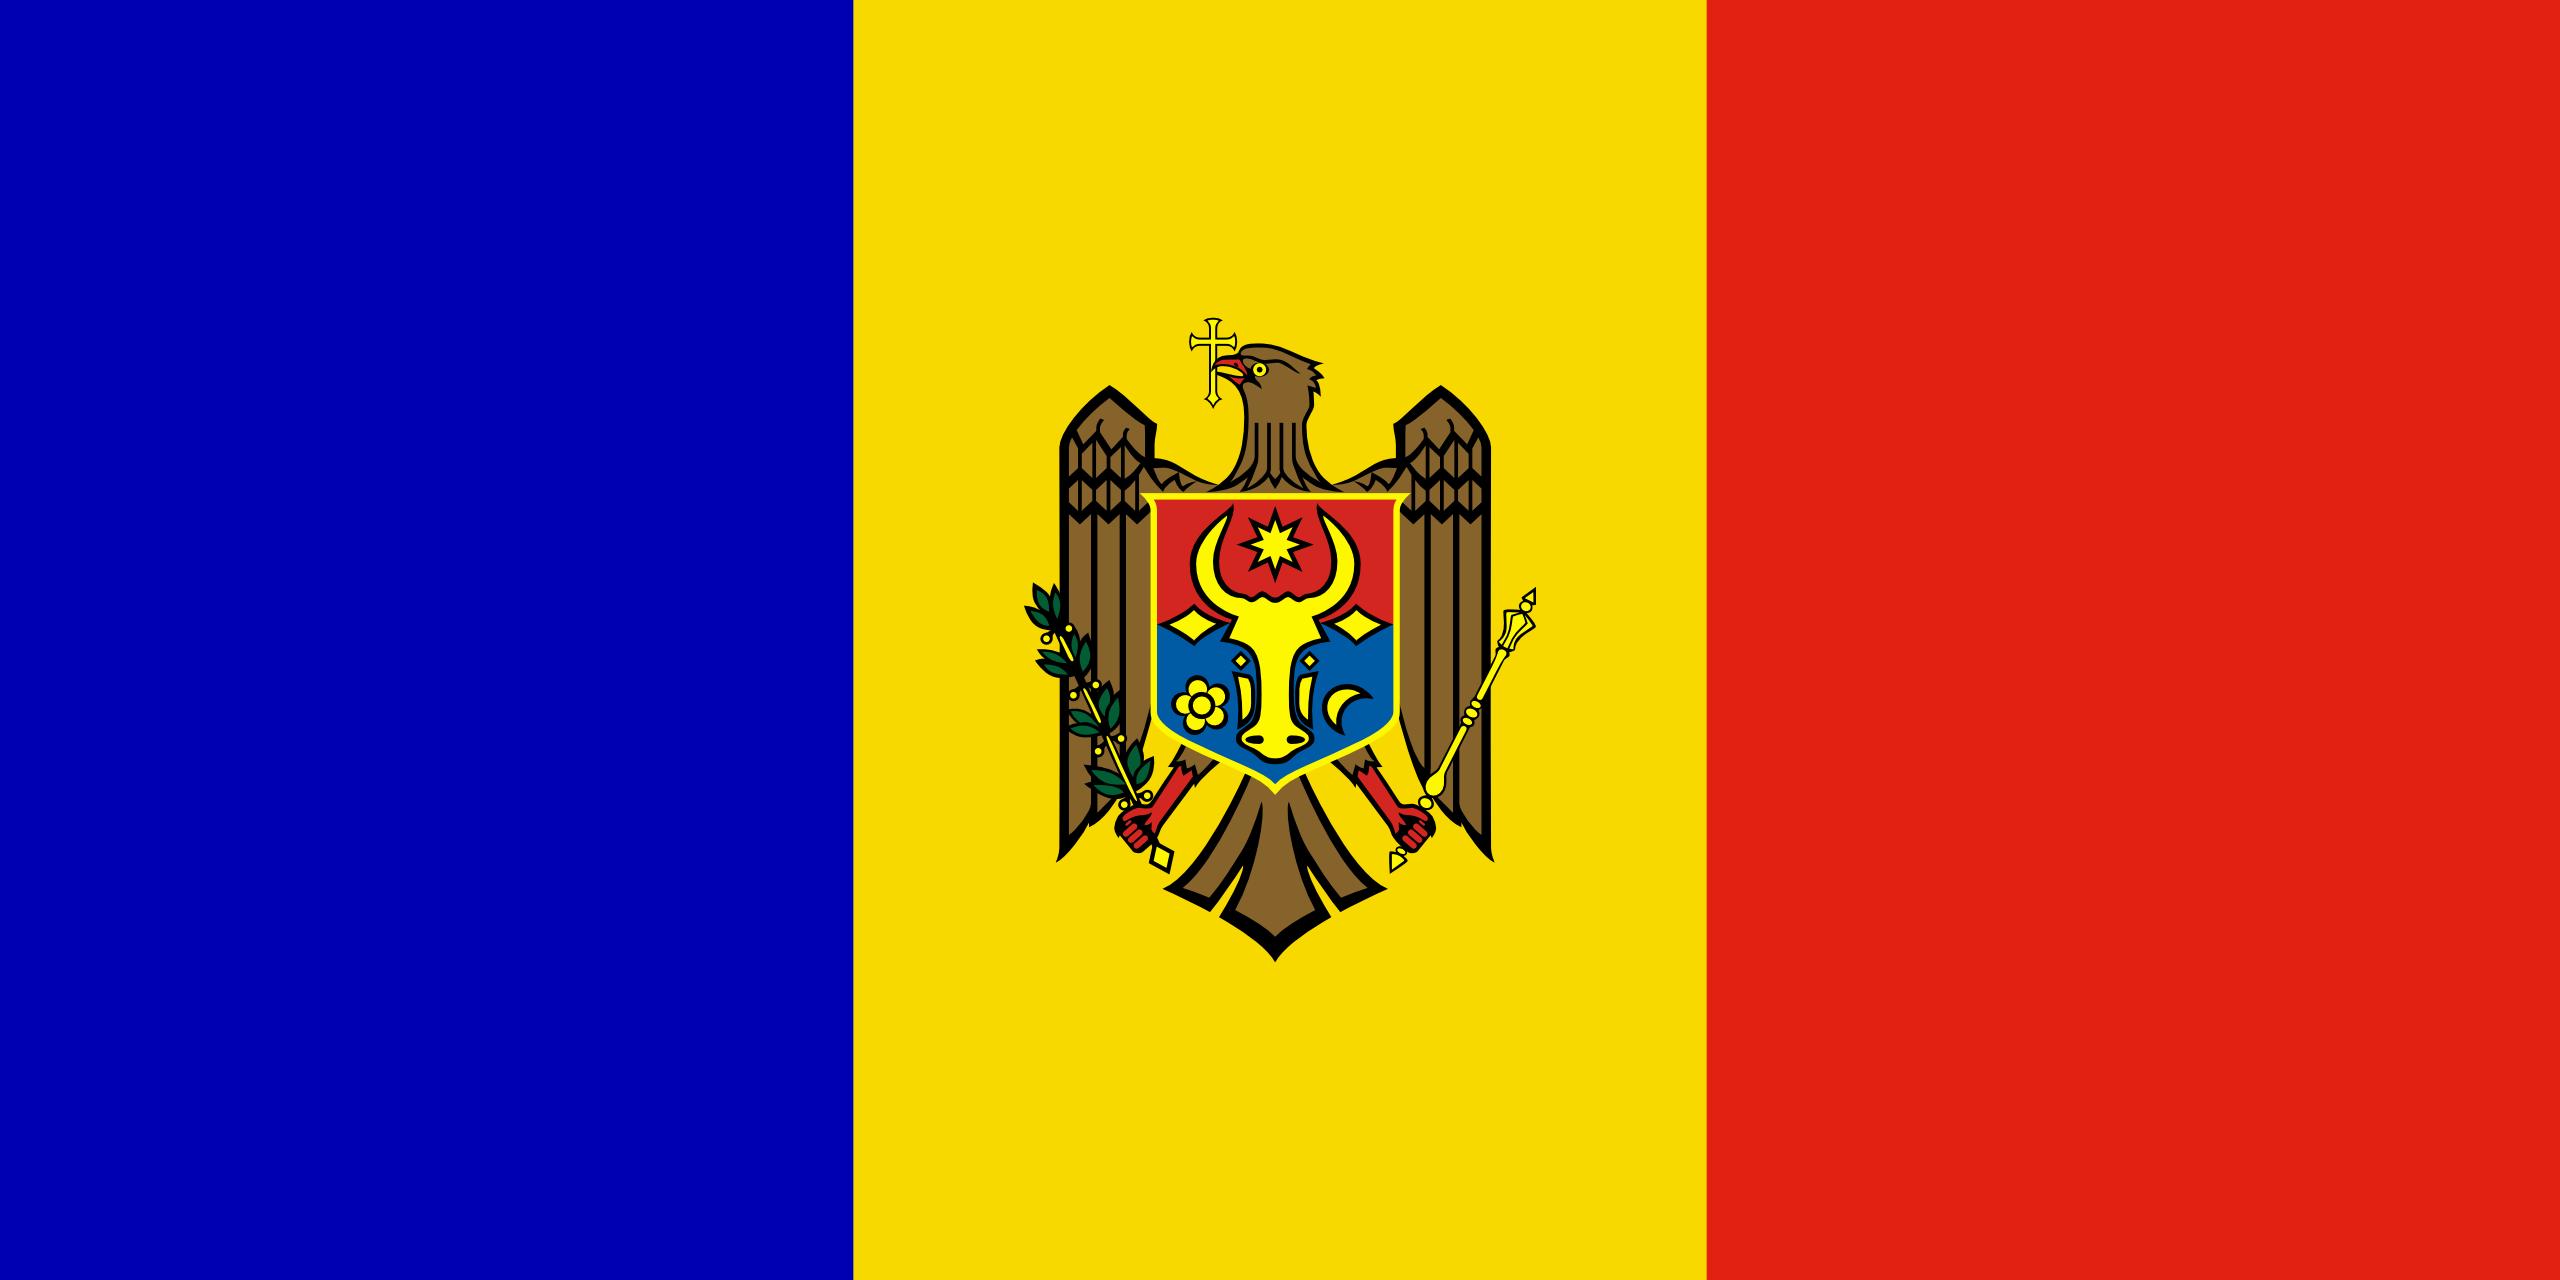 moldavia, país, emblema, insignia, シンボル - HD の壁紙 - 教授-falken.com